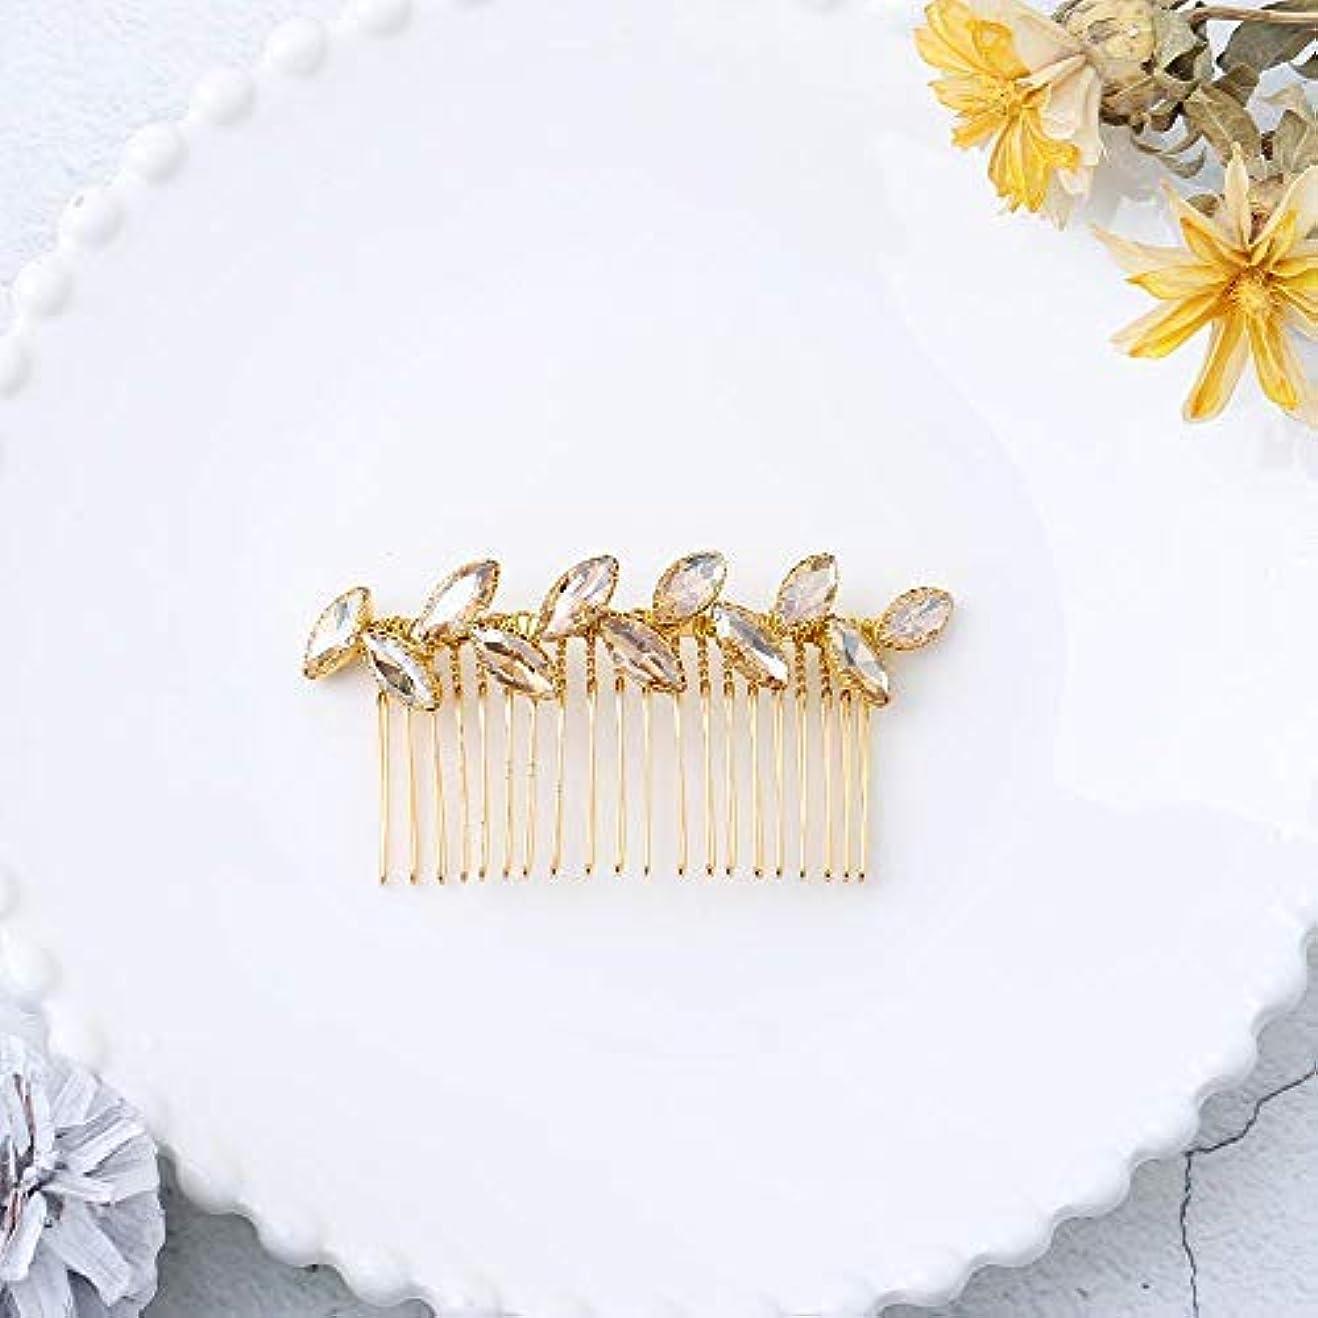 カリングそんなに説得Jovono Bride Wedding Hair Comb Bridal Headpieces with Champagne Rhinestone for Women and Girls (Gold) [並行輸入品]